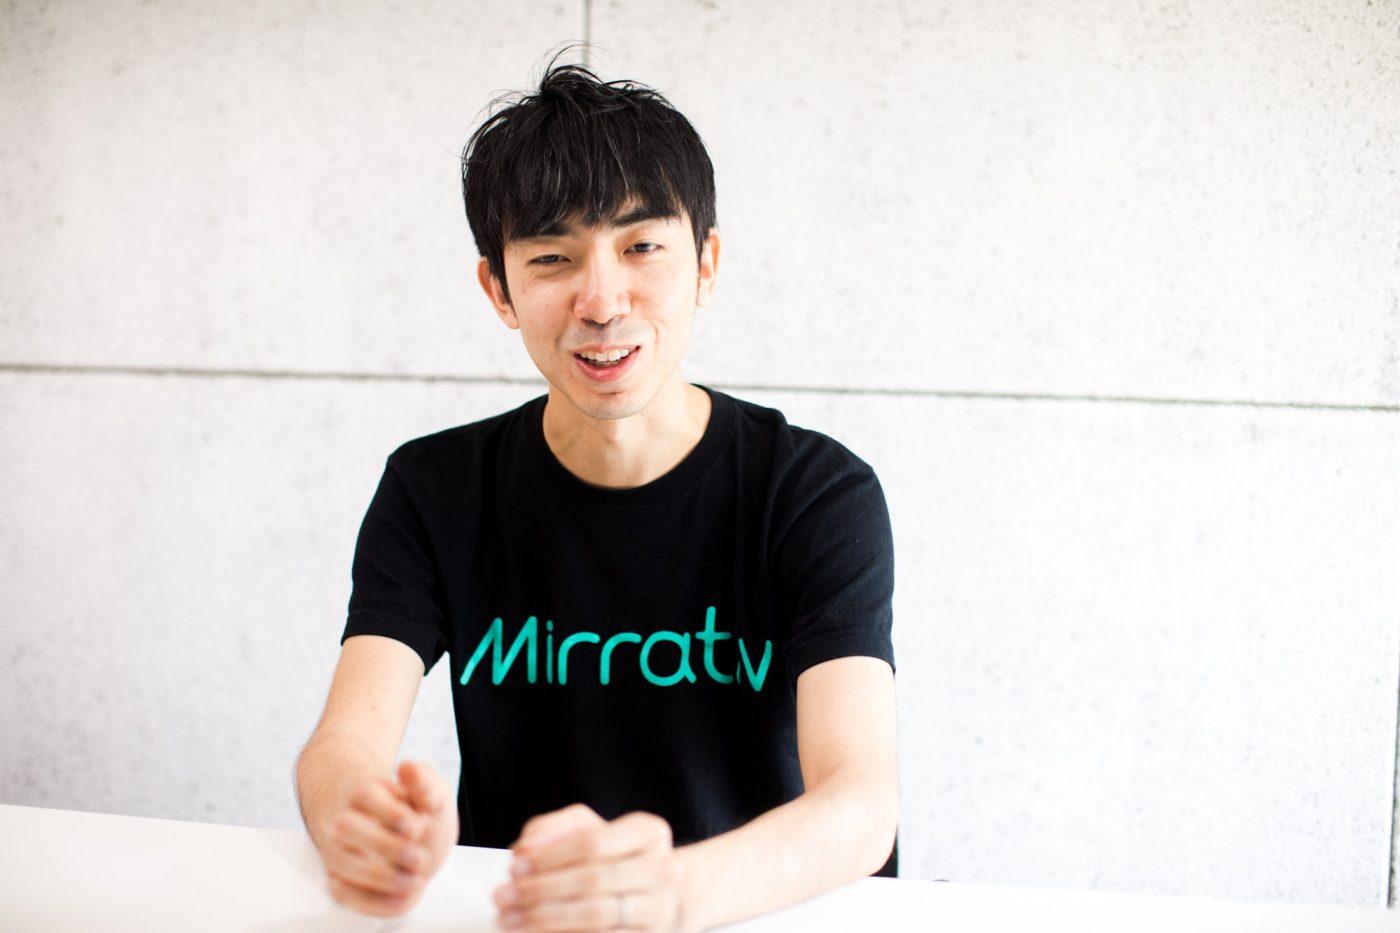 ミラティブ代表取締役CEOの赤川隼一 元DeNA 就職活動 起業家